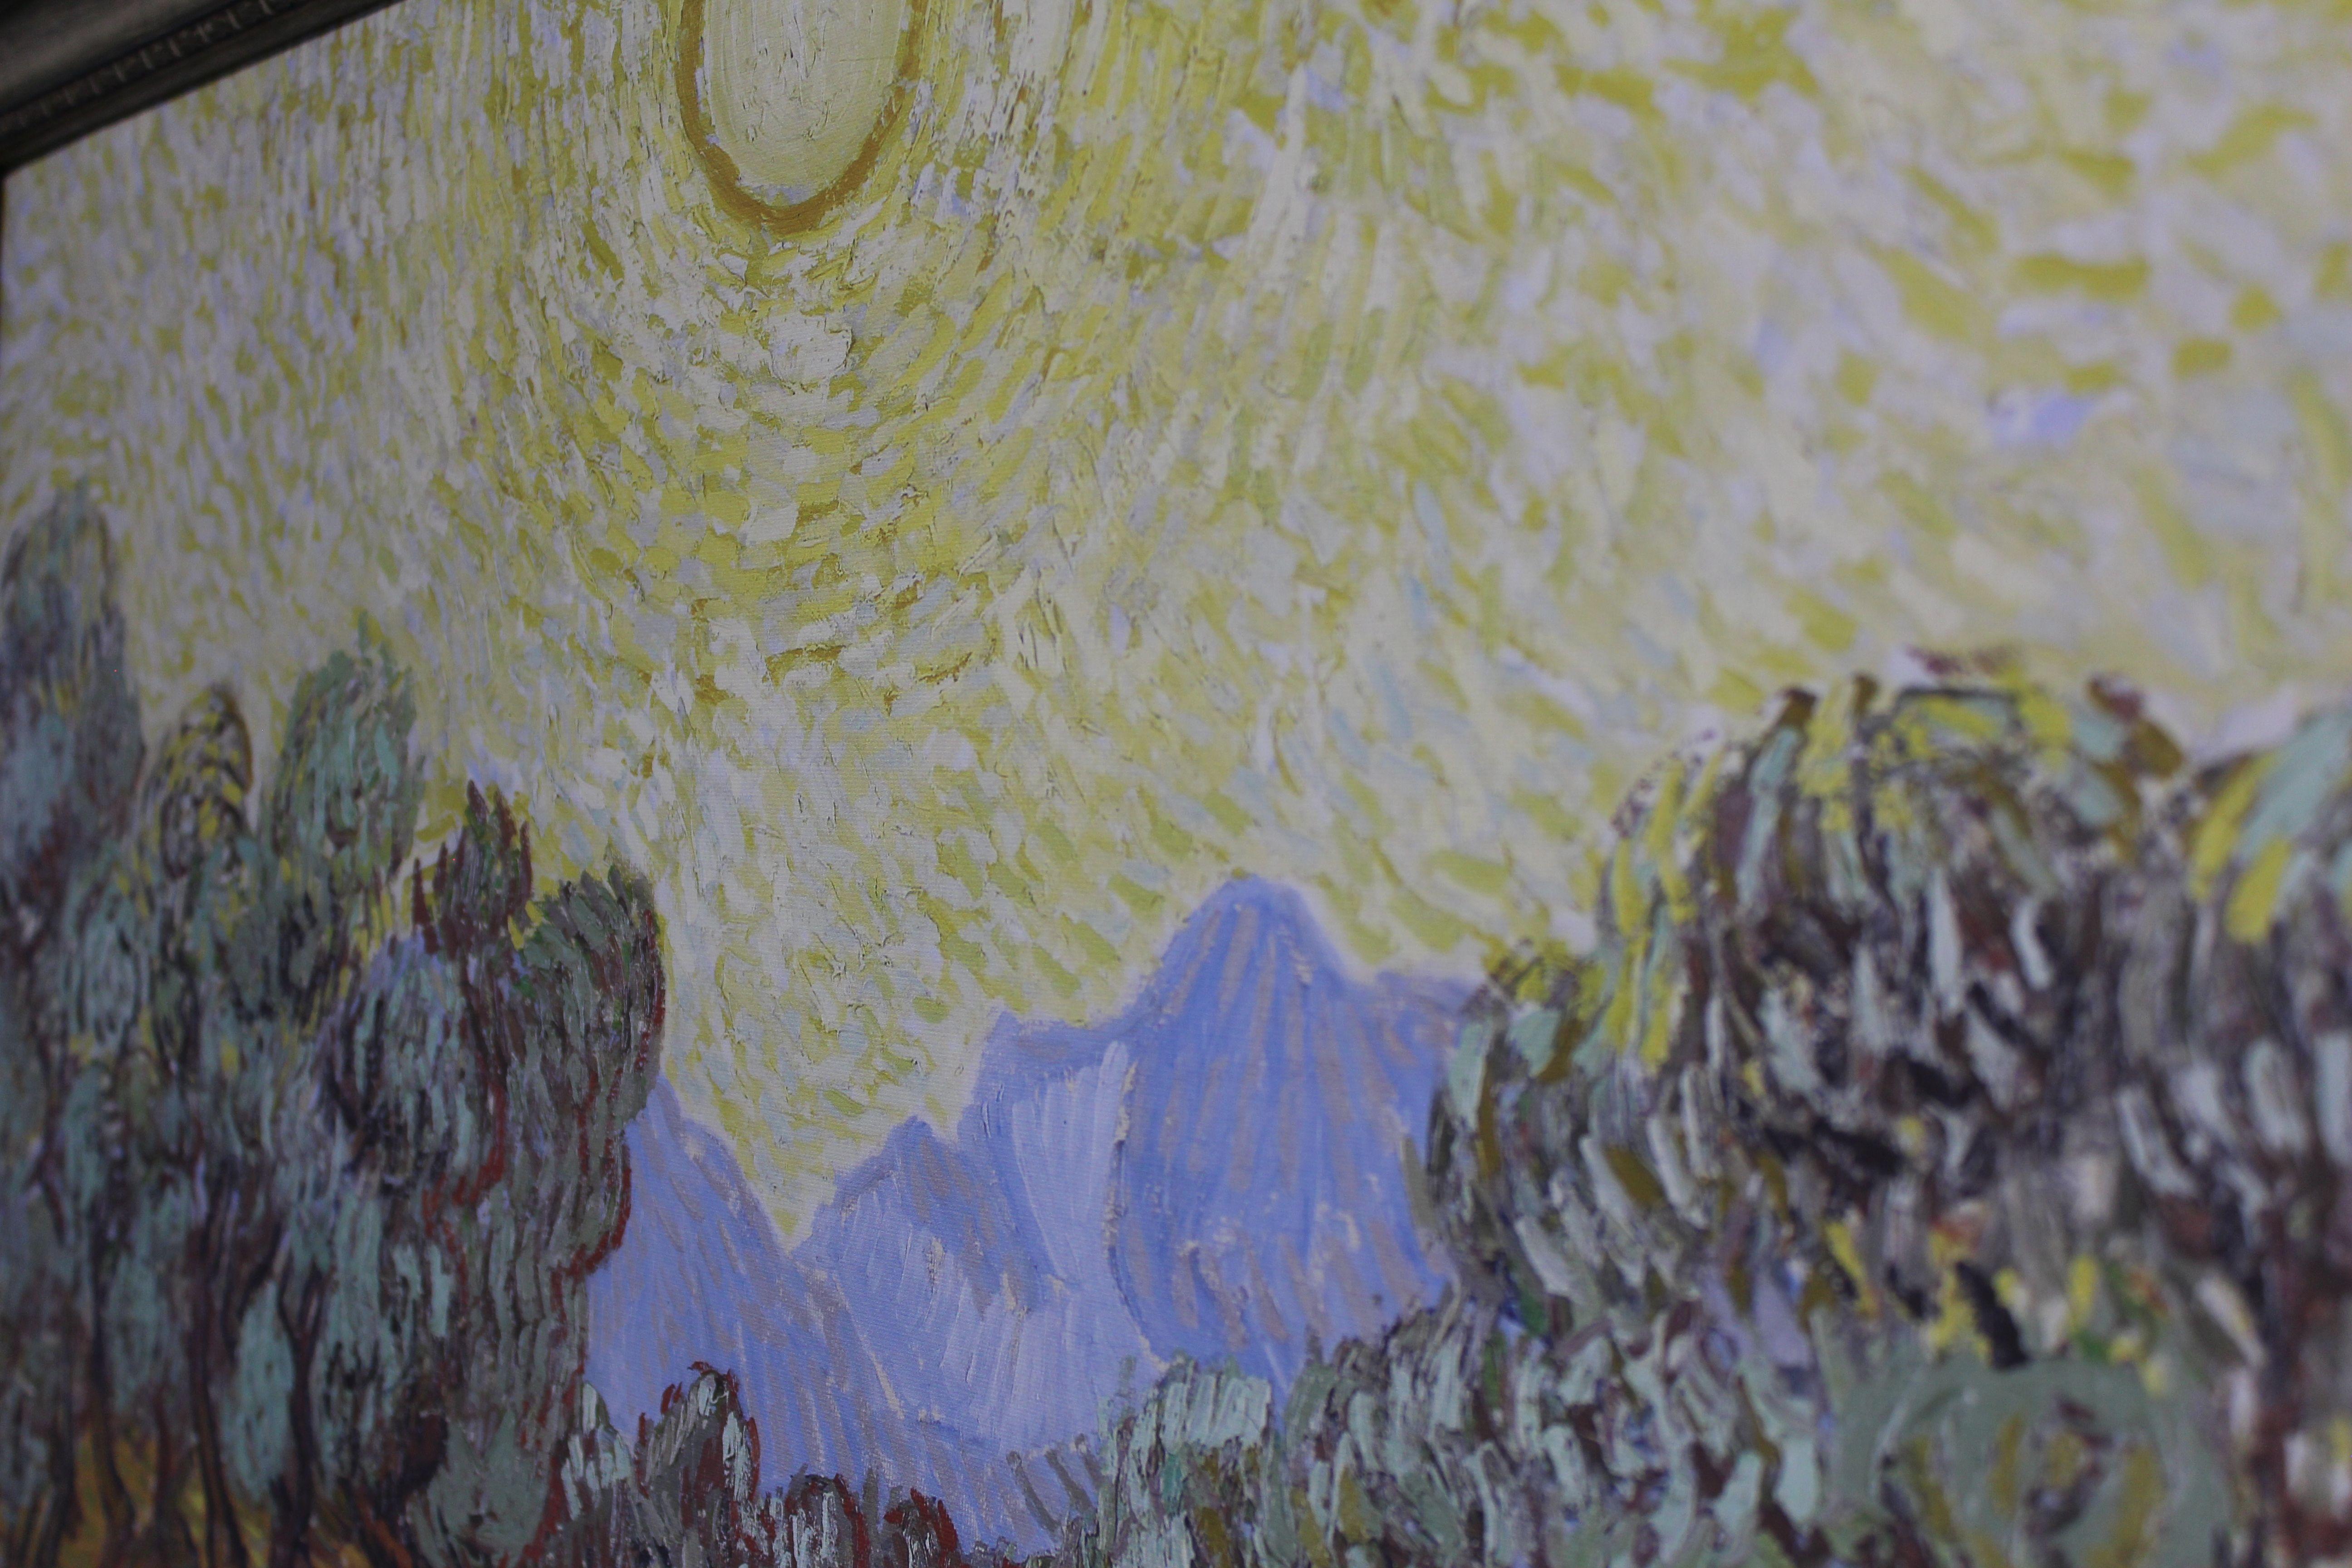 Среди представленных экспонатов посетители в первую очередь находят качественные репродукции работ Ван Гога, напечатанные на настоящих холстах в оригинальном размере. Фото: Нана Маланчук.